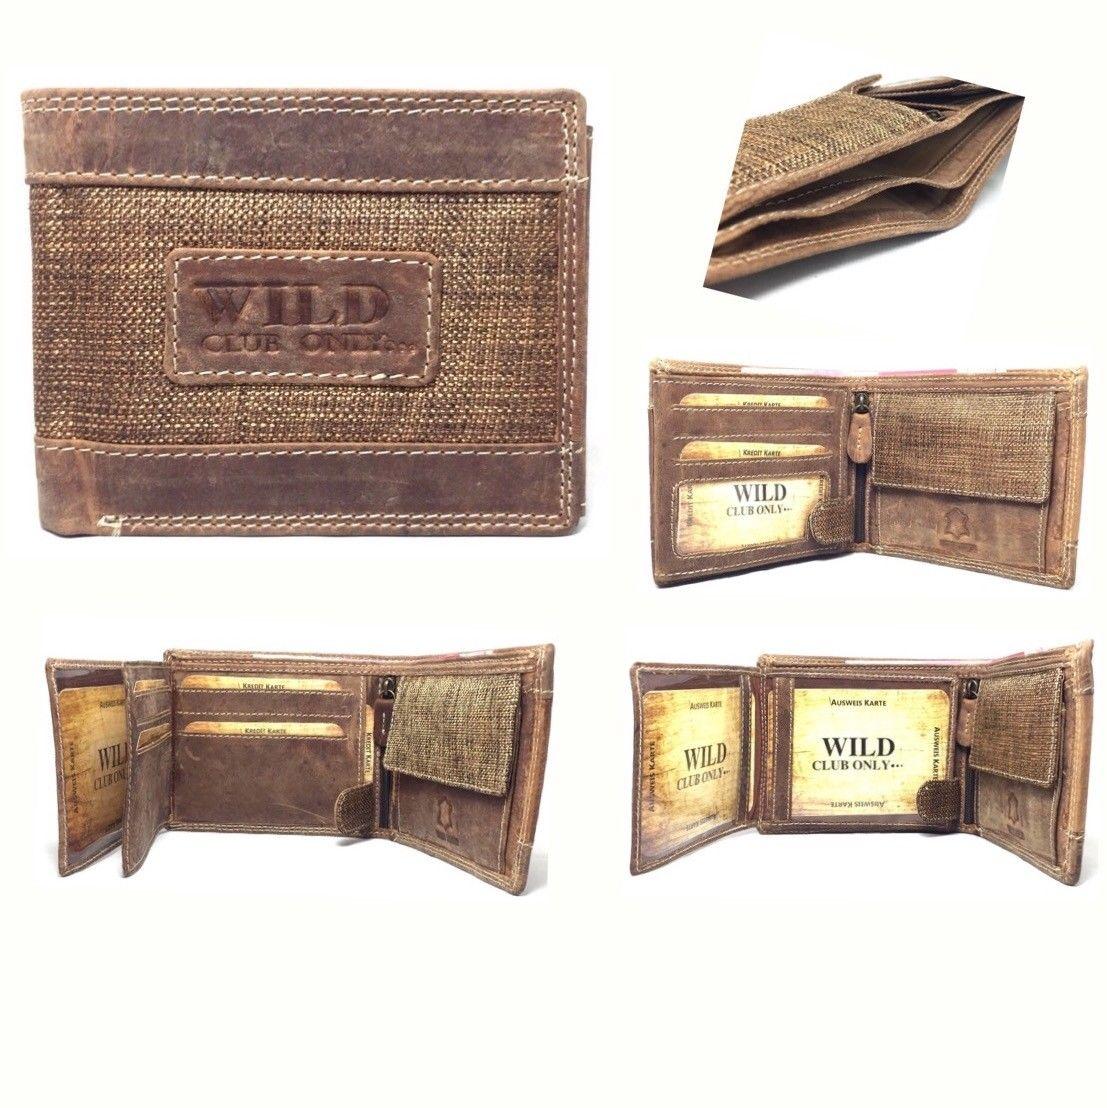 d44edb90570e6 Stylische Herren Geldbörse aus echt Leder und Stoff ...